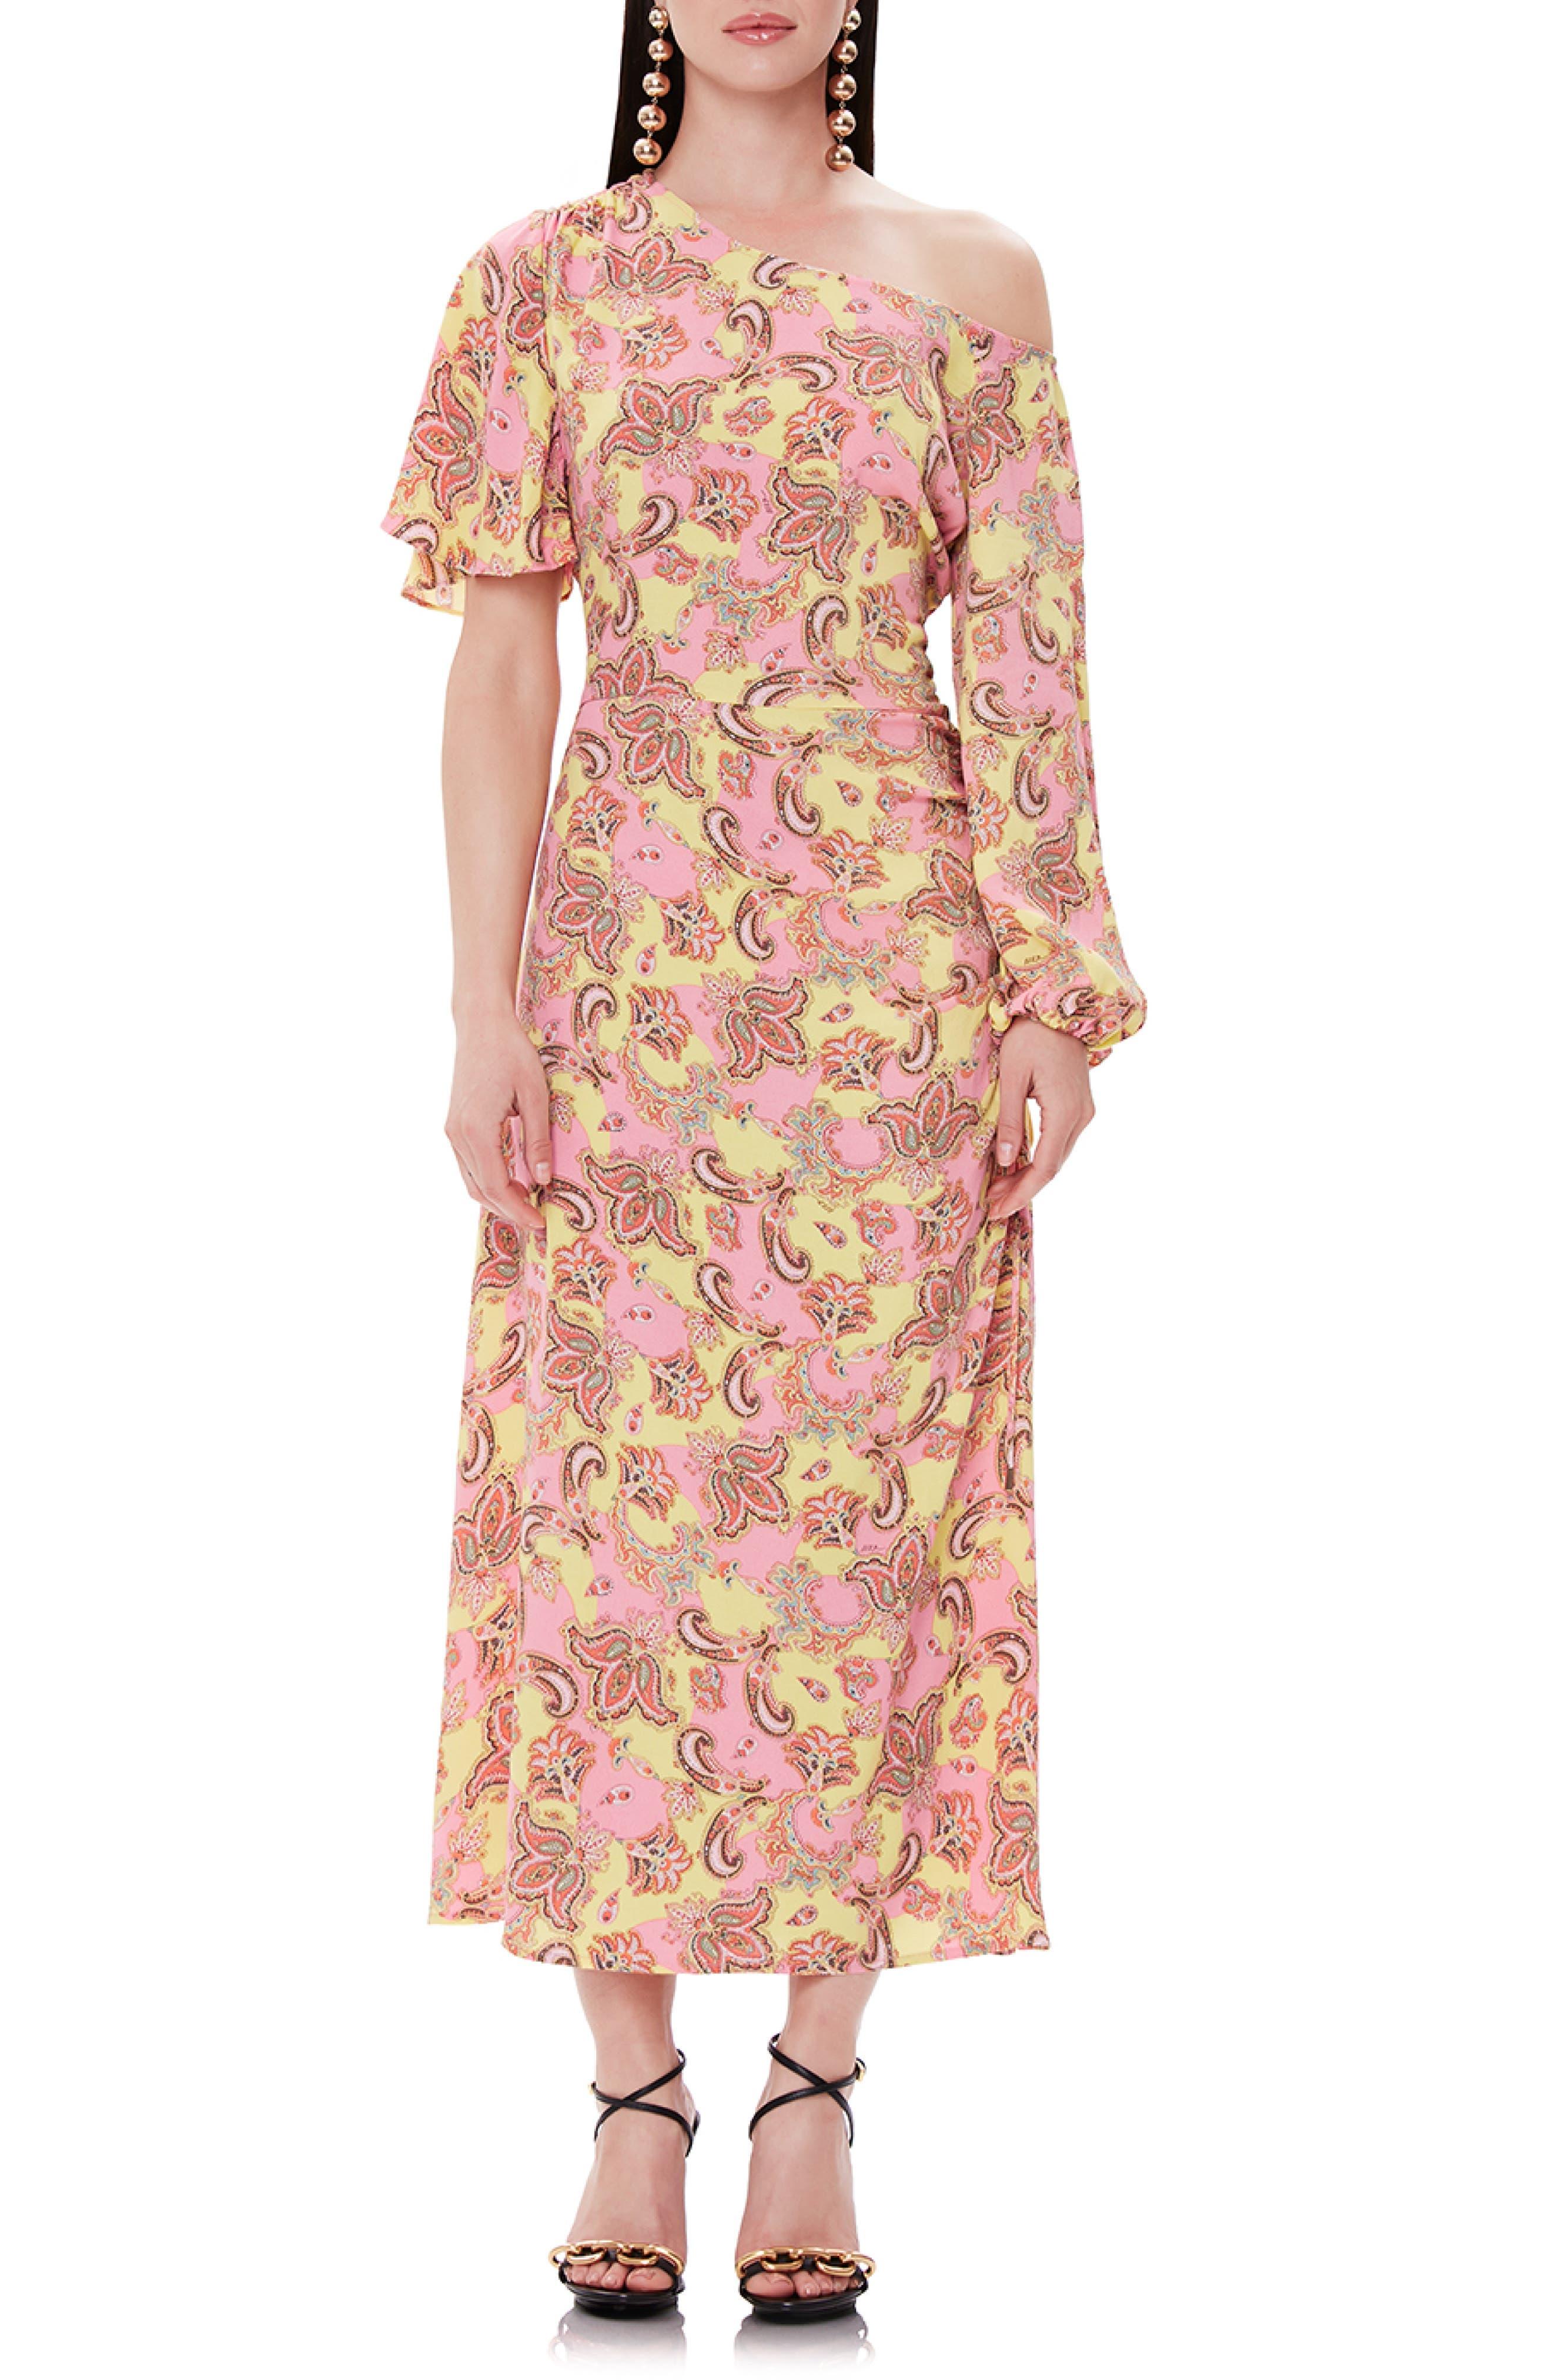 Afrm One-Shoulder Printed Midi Dress, Pink